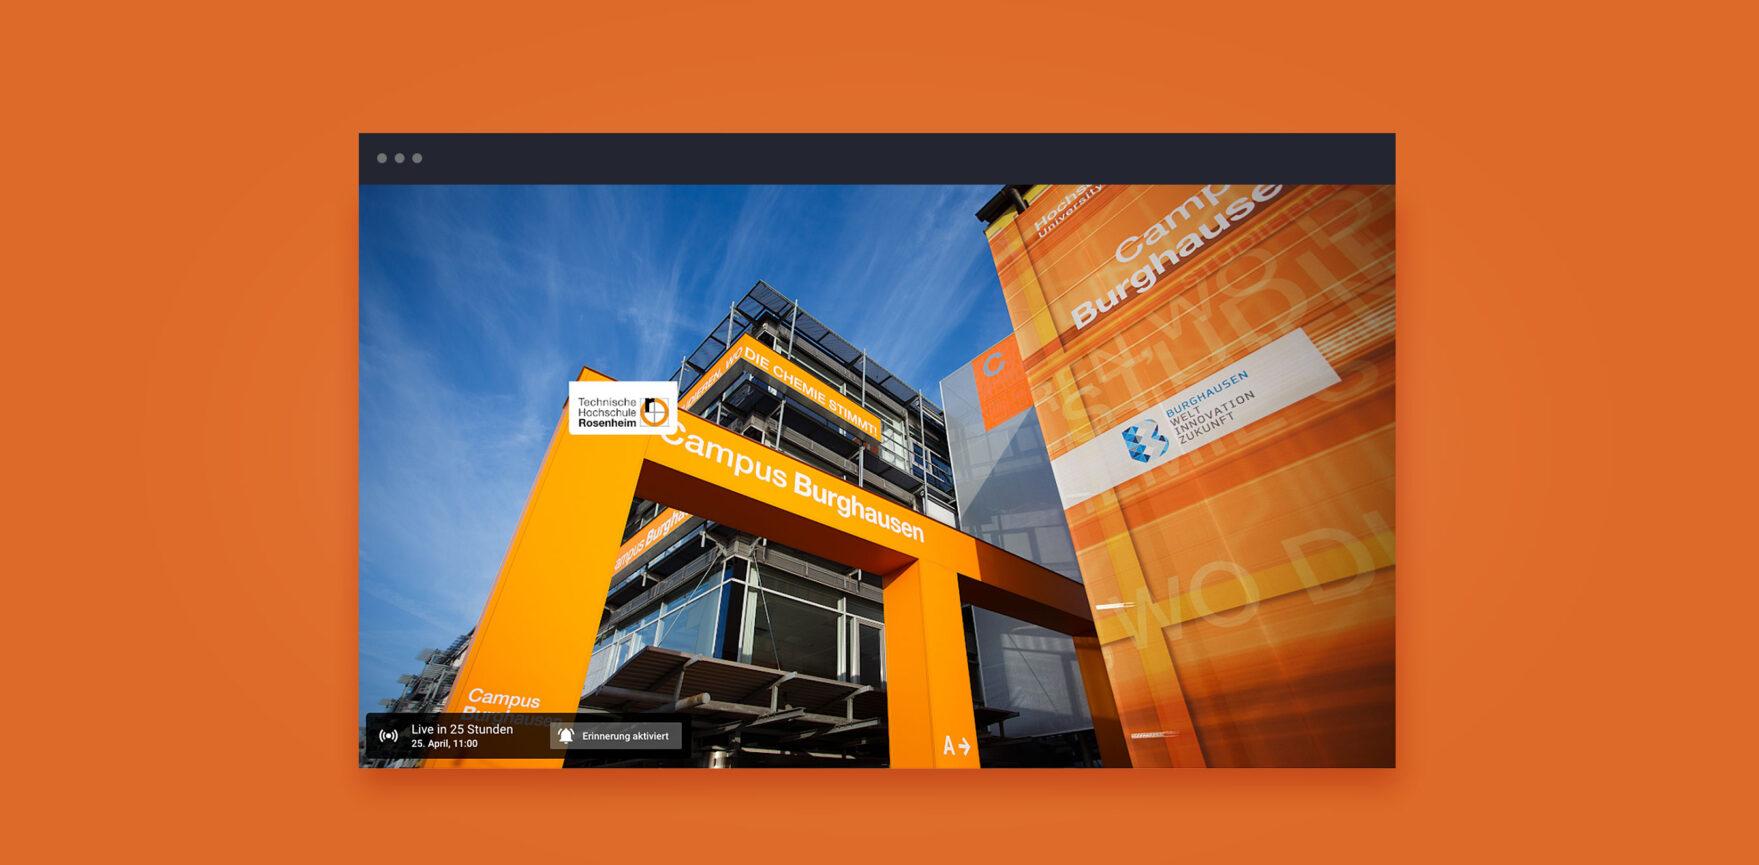 Virtueller Tag der offenen Tuer Campus Burghausen Gebaeude Aula orange